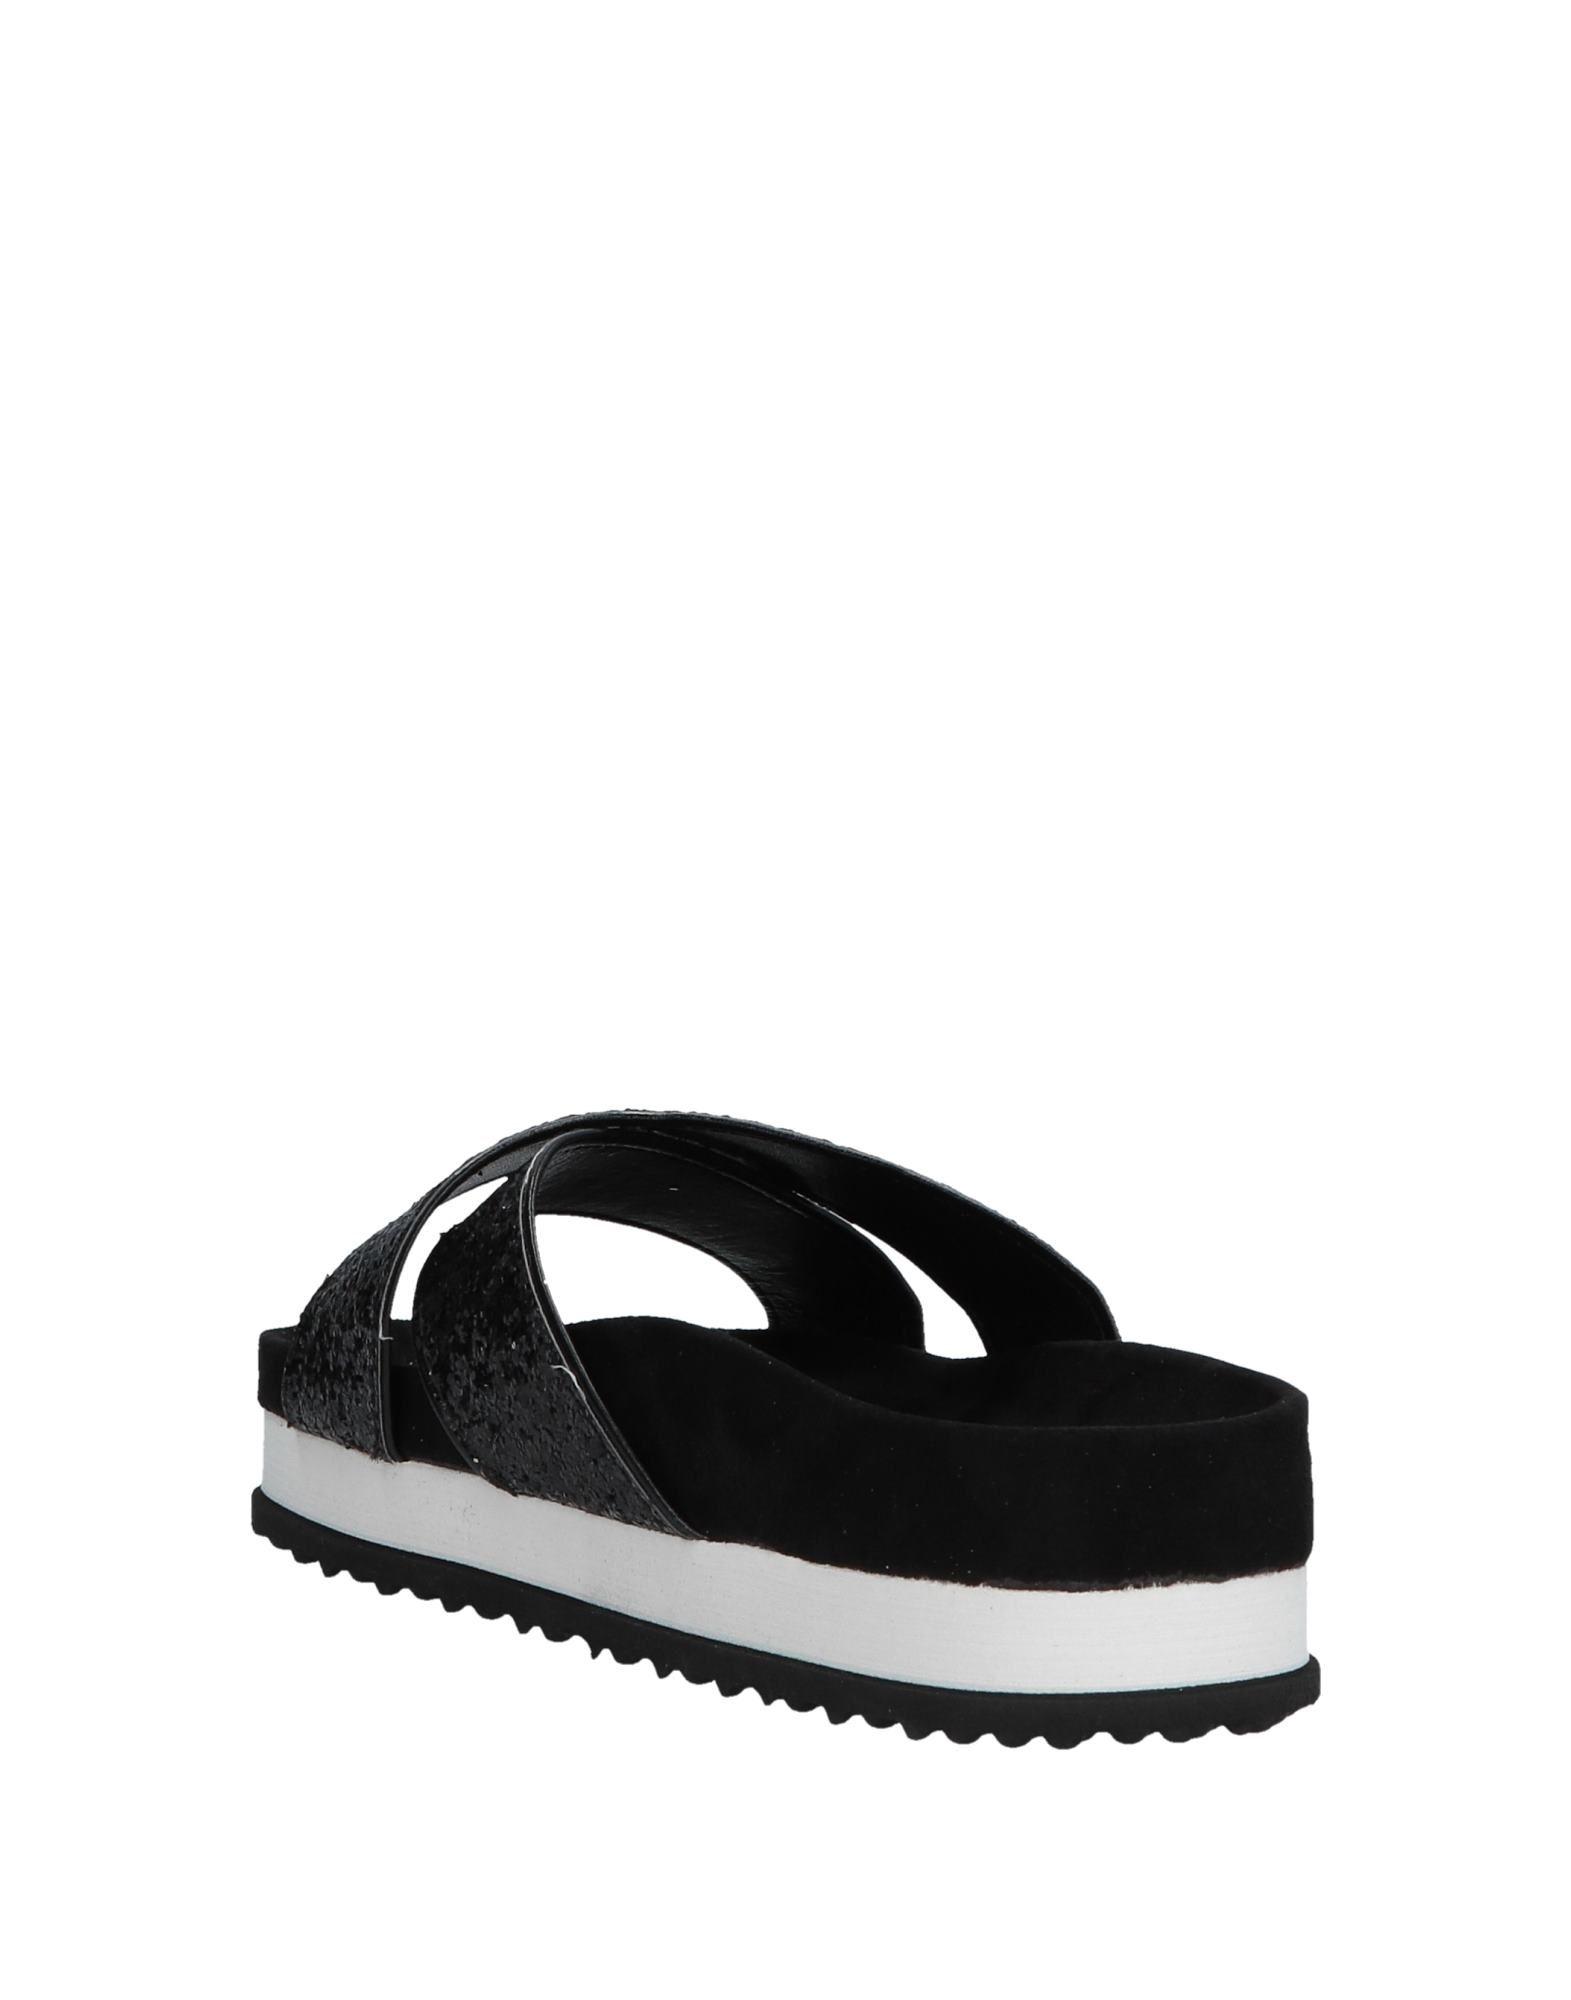 Fornarina Sandalen Damen Qualität  11565021LI Gute Qualität Damen beliebte Schuhe 0e32bc